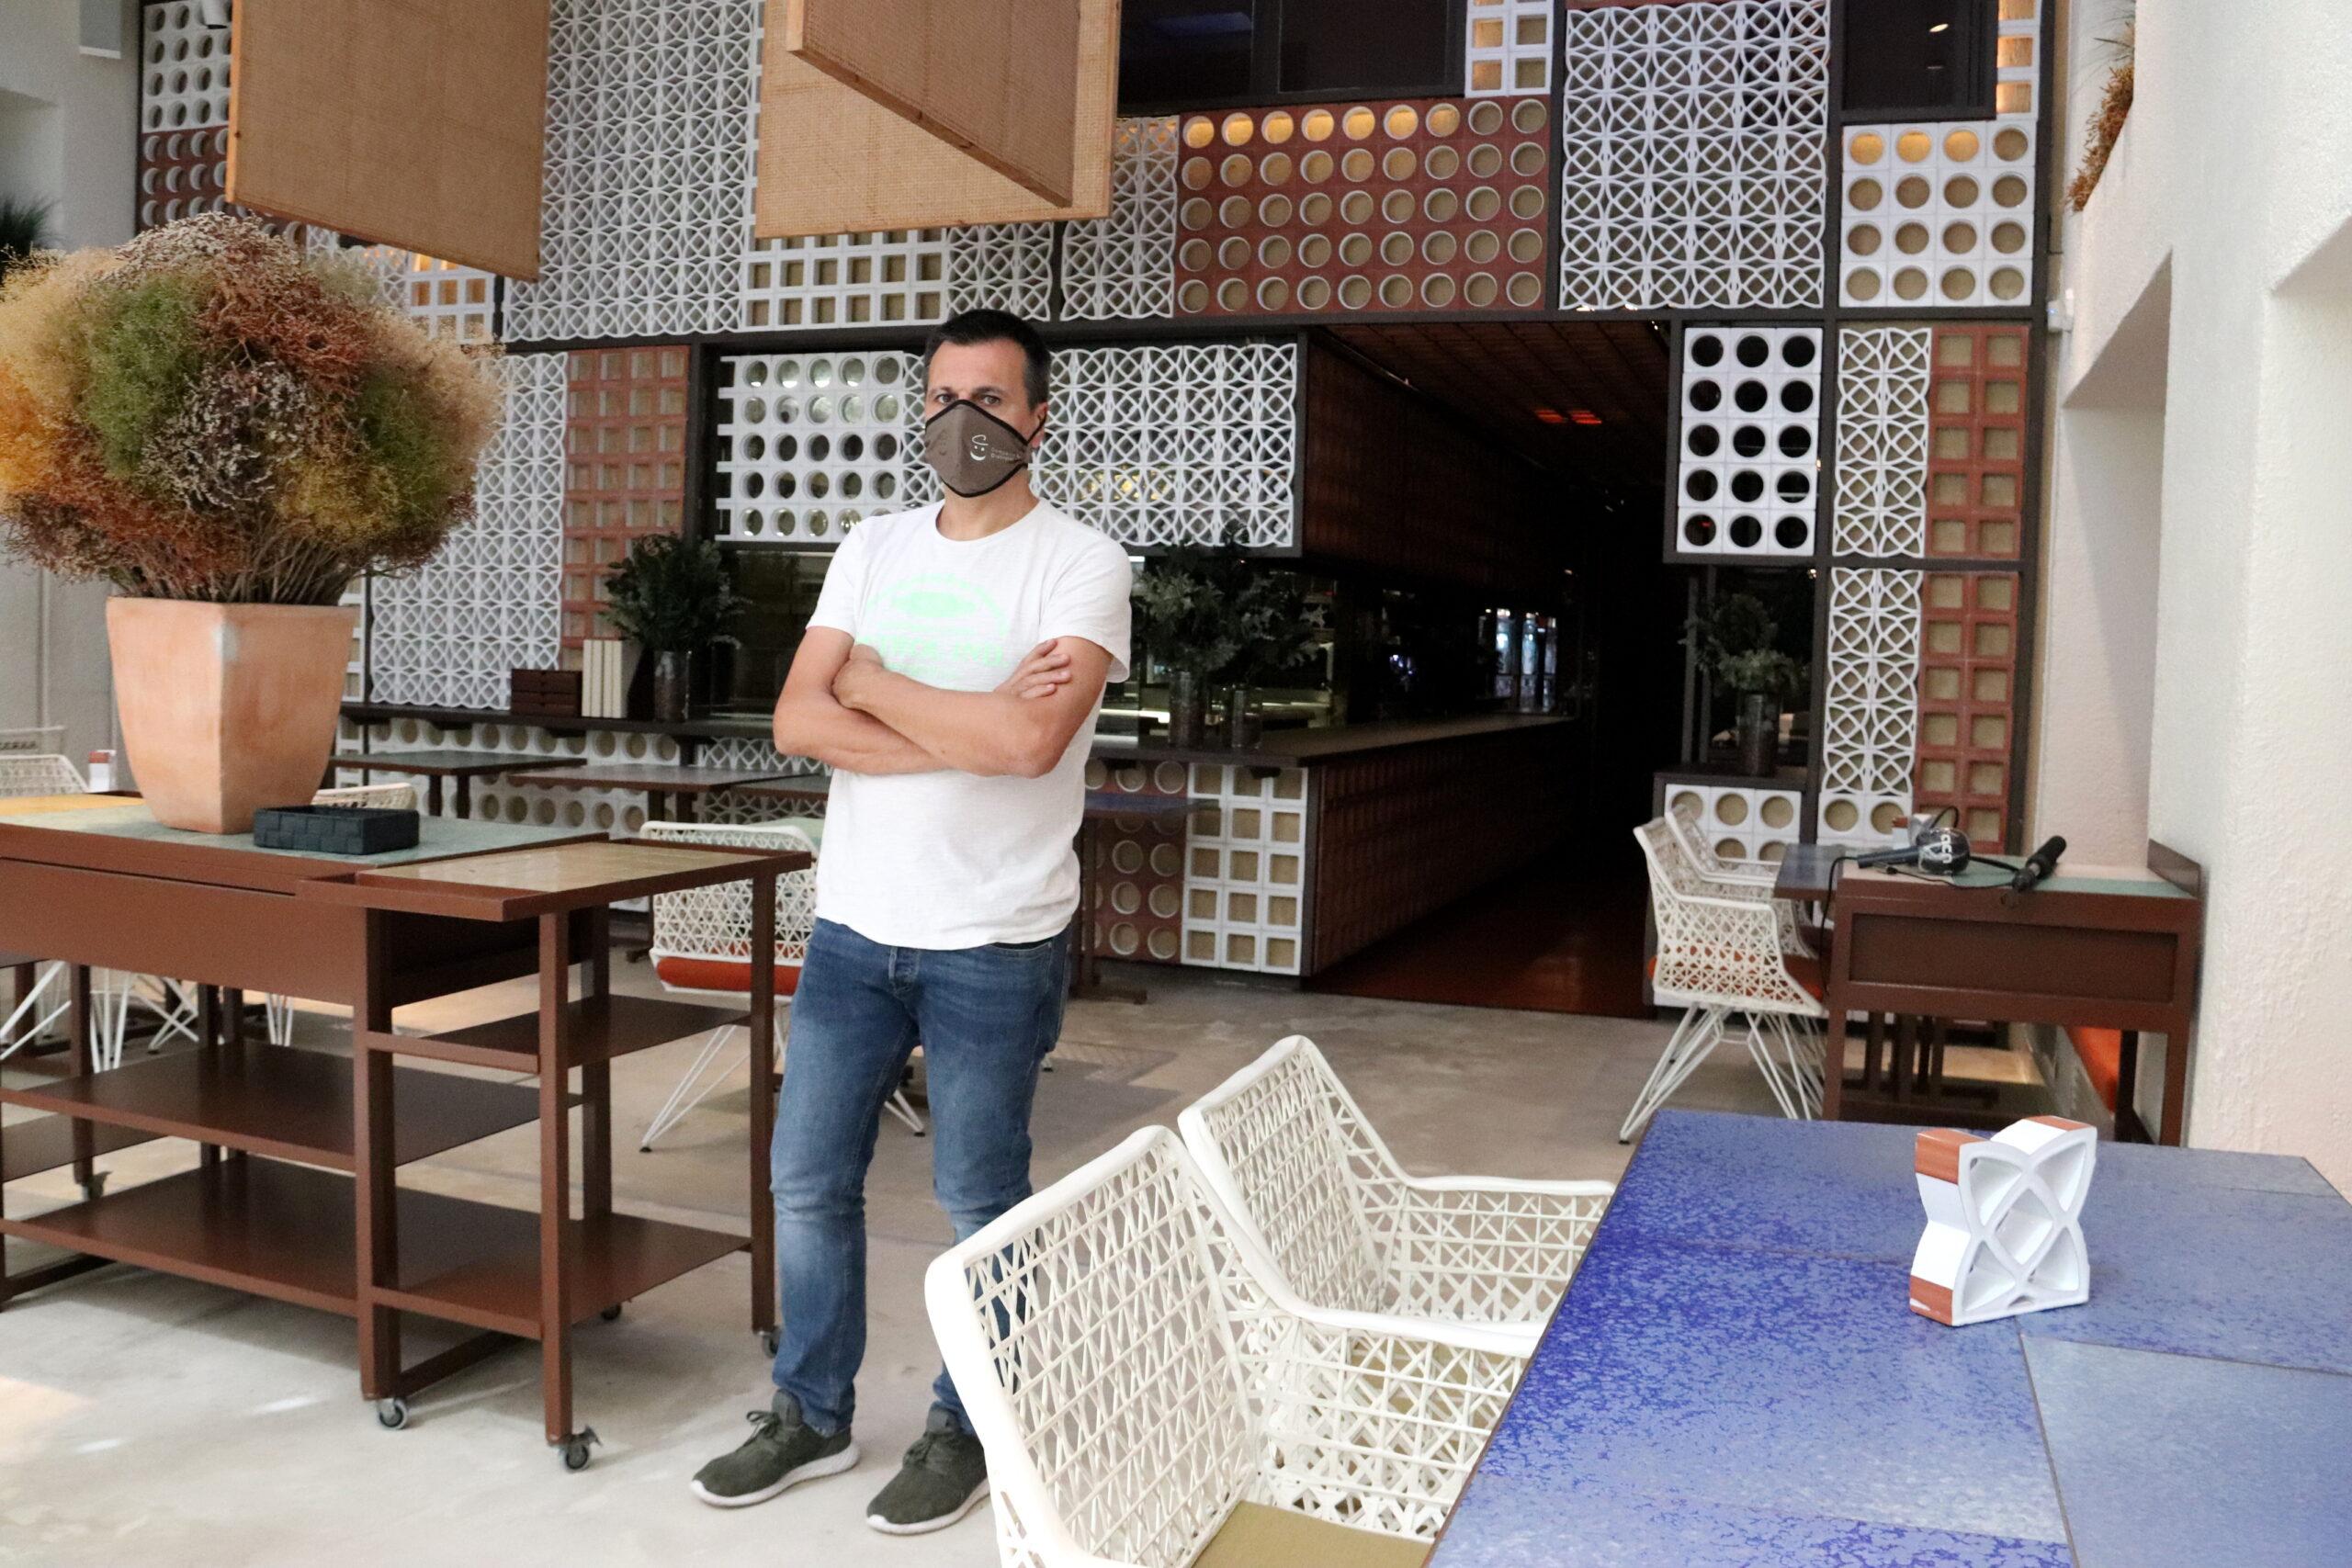 Un dels propietaris del Disfrutar de Barcelona, Oriol Castro, a la sala del restaurant on han hagut de treure taules per complir amb les distàncies | ACN